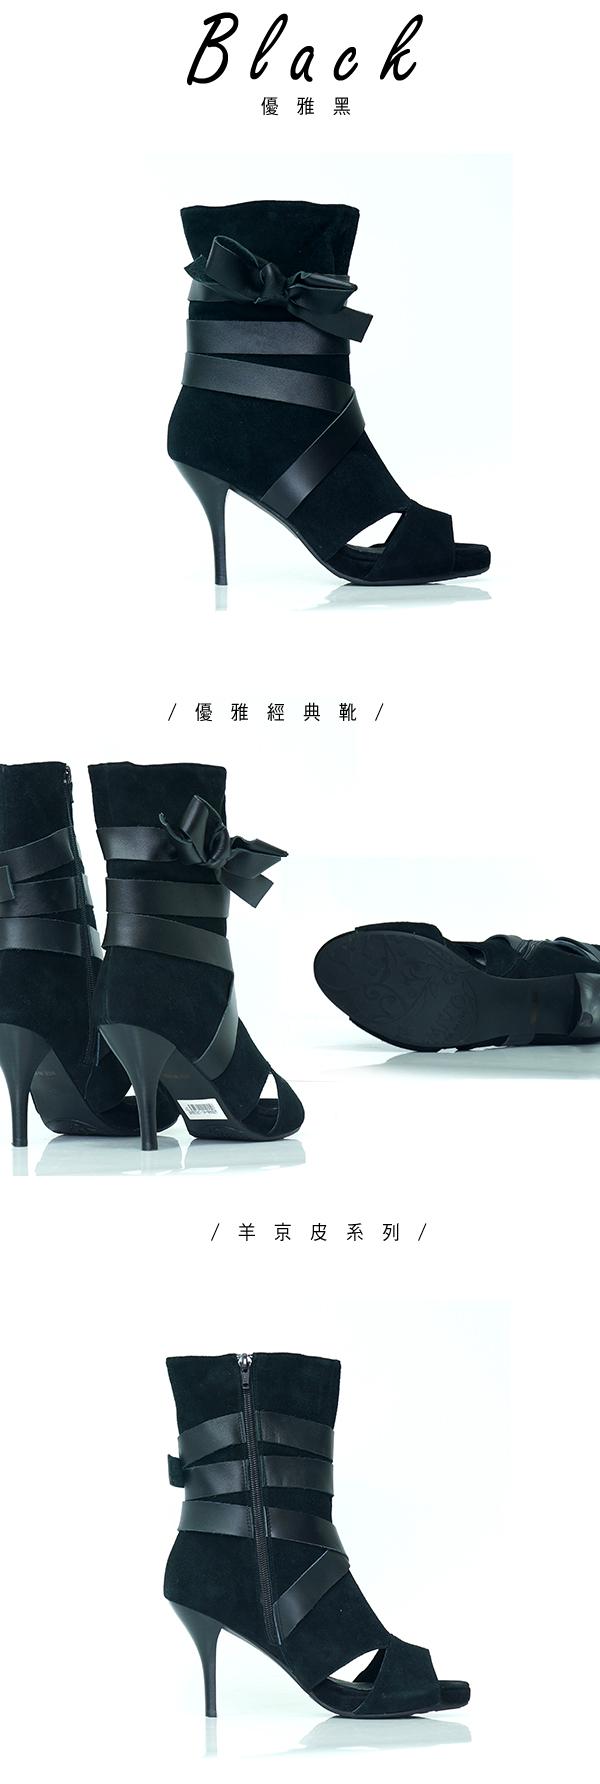 長靴,魚口靴,O'vimi,狂野氣質風,蝴蝶結大裝飾,穿襪,優雅咖,專櫃品牌鞋,專櫃優質鞋